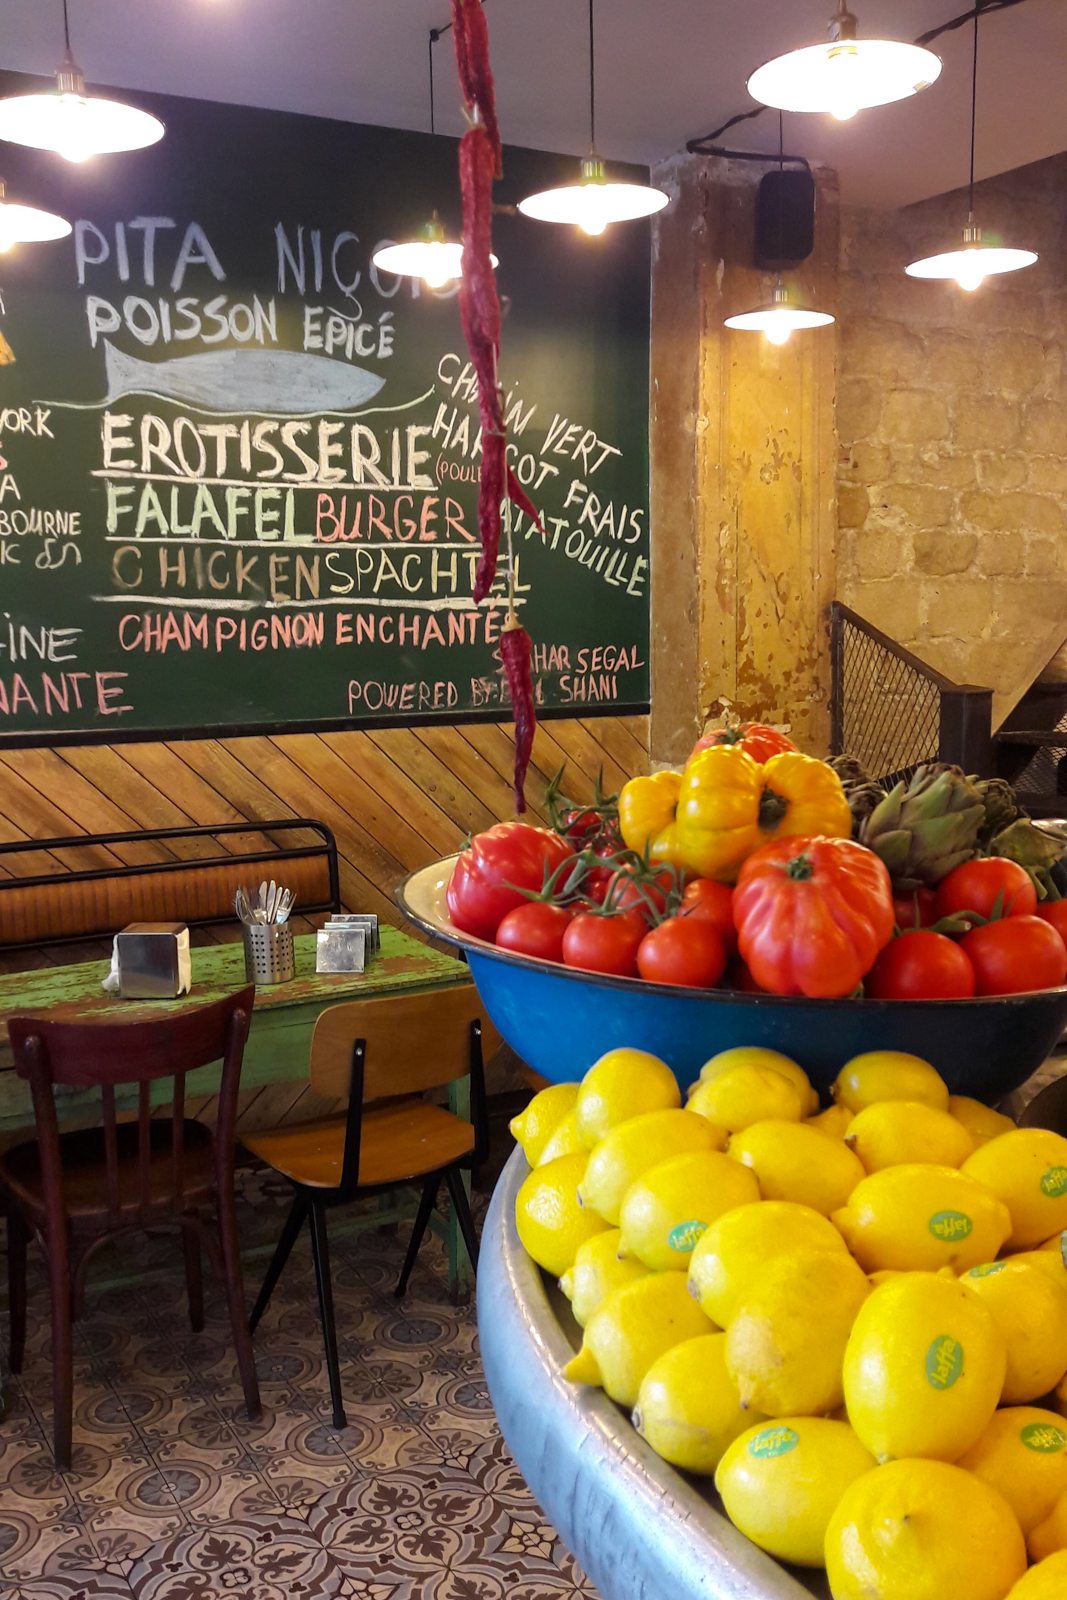 paris, paris 10, quartier canal saint martin, canal saint-martin, paris authentique, visiter paris autrement, paris street art, paris 11e, paris 11 tourisme, balade paris 11, balade paris 10, miznon, miznon restaurant,a vis restaurant miznon